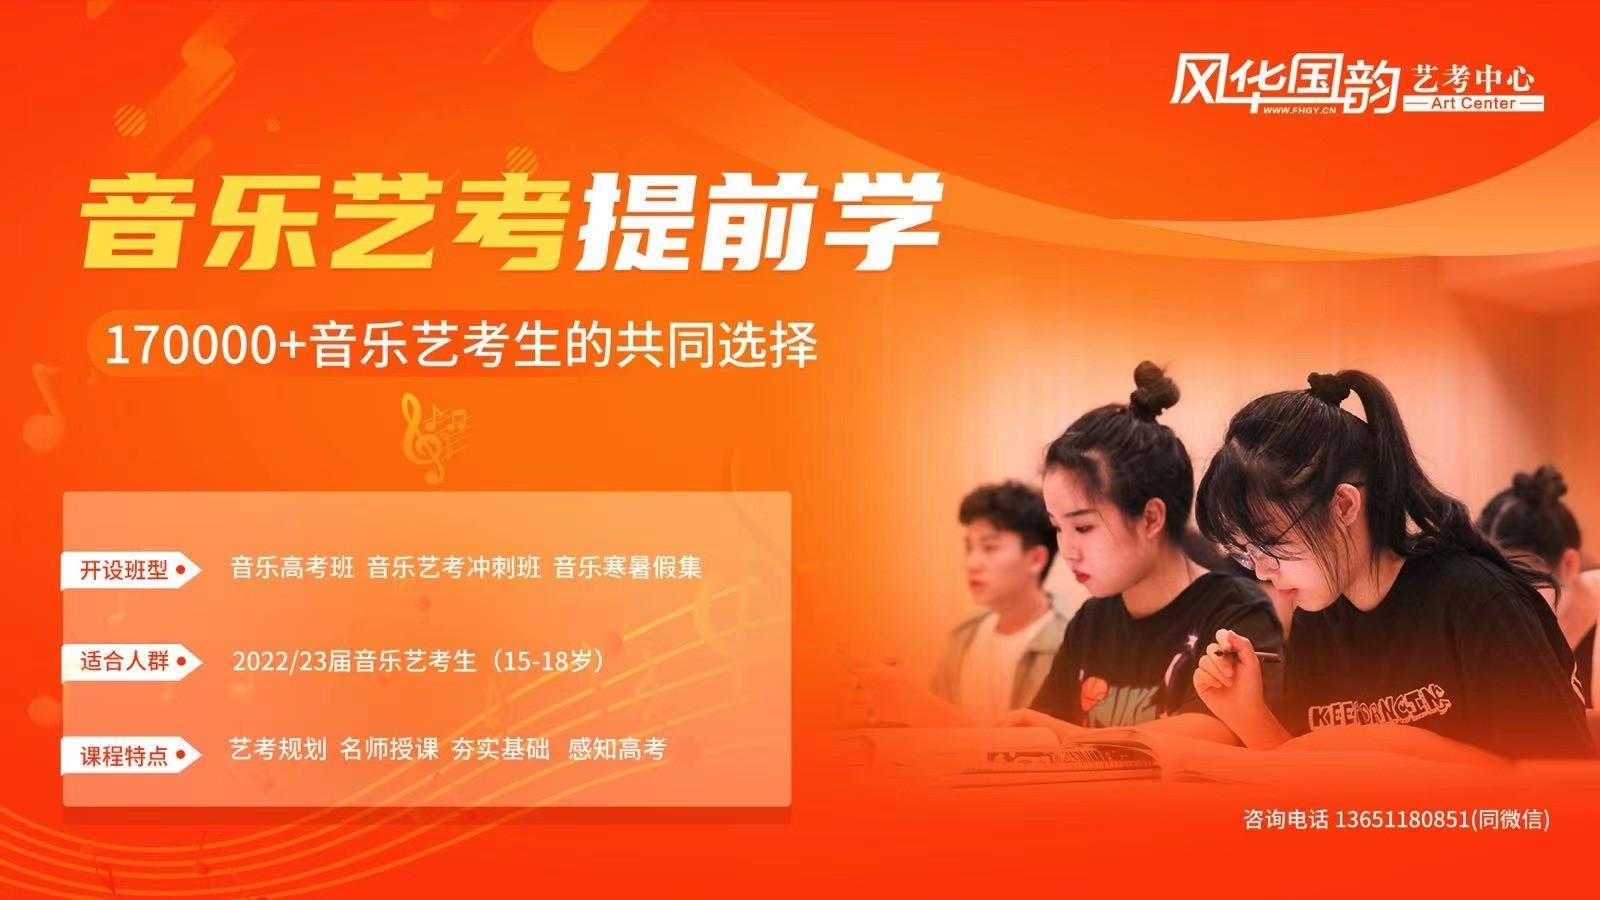 北京乐器培训班哪个好?